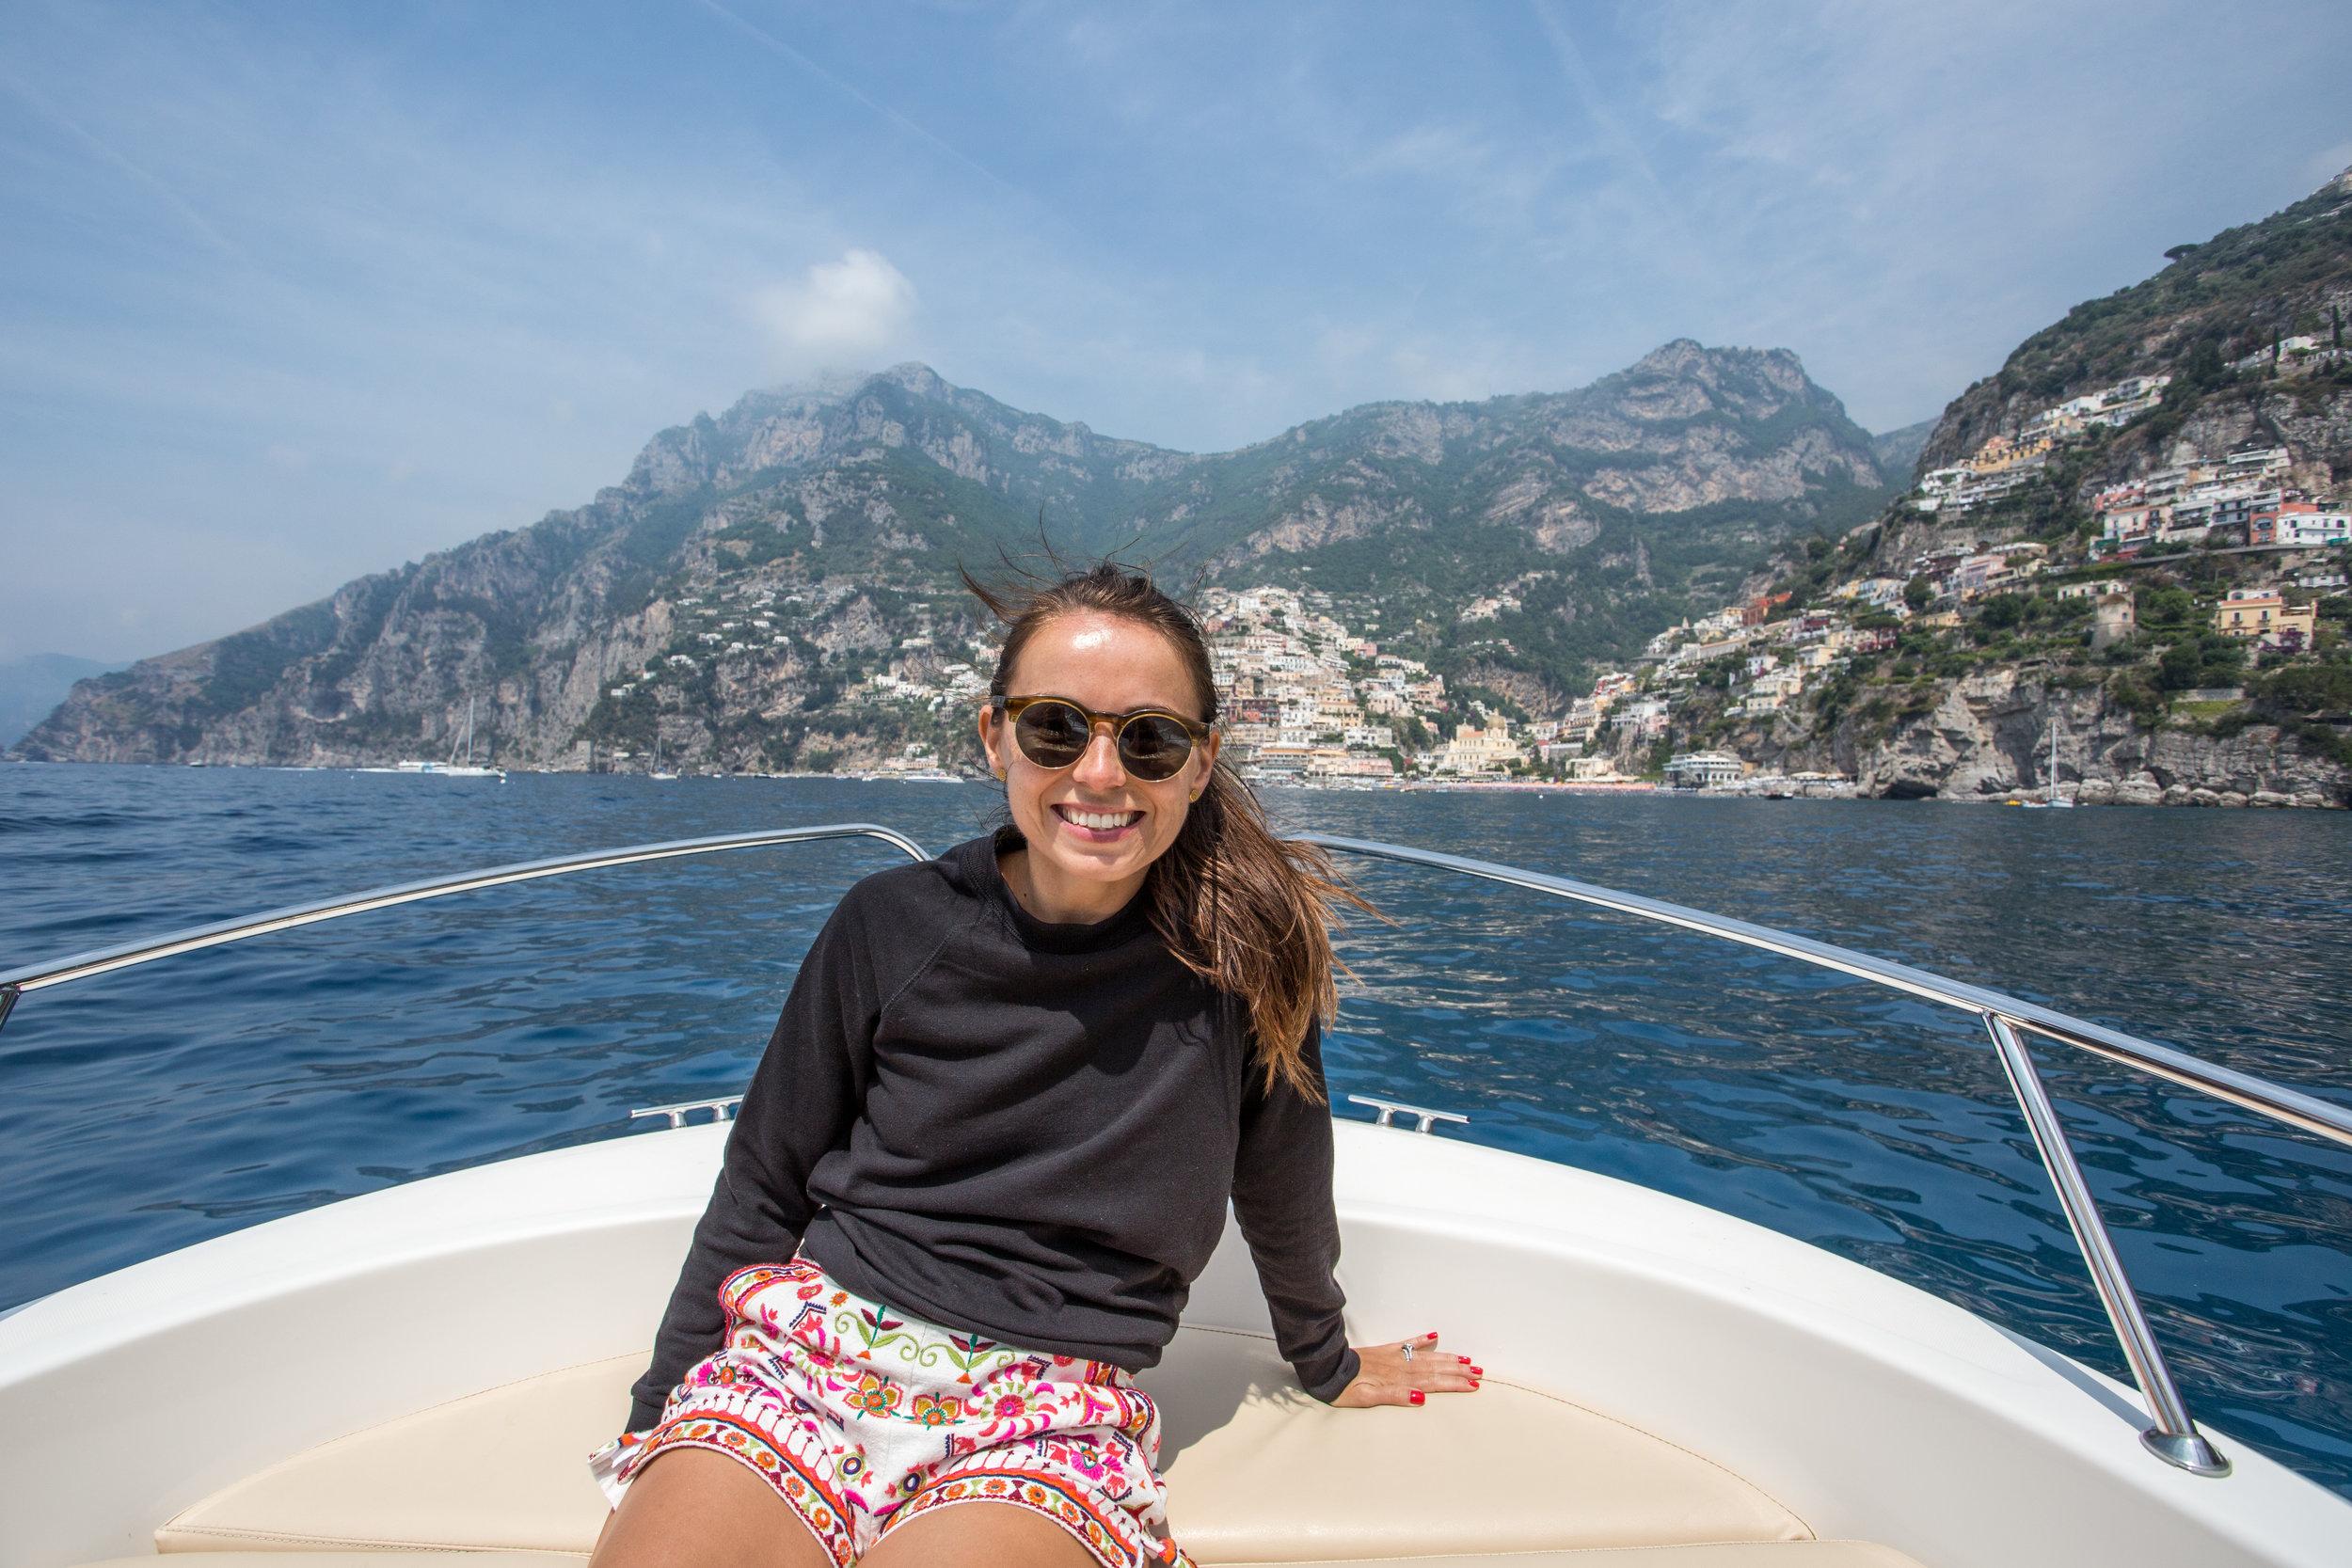 Boat Amalfi Coast